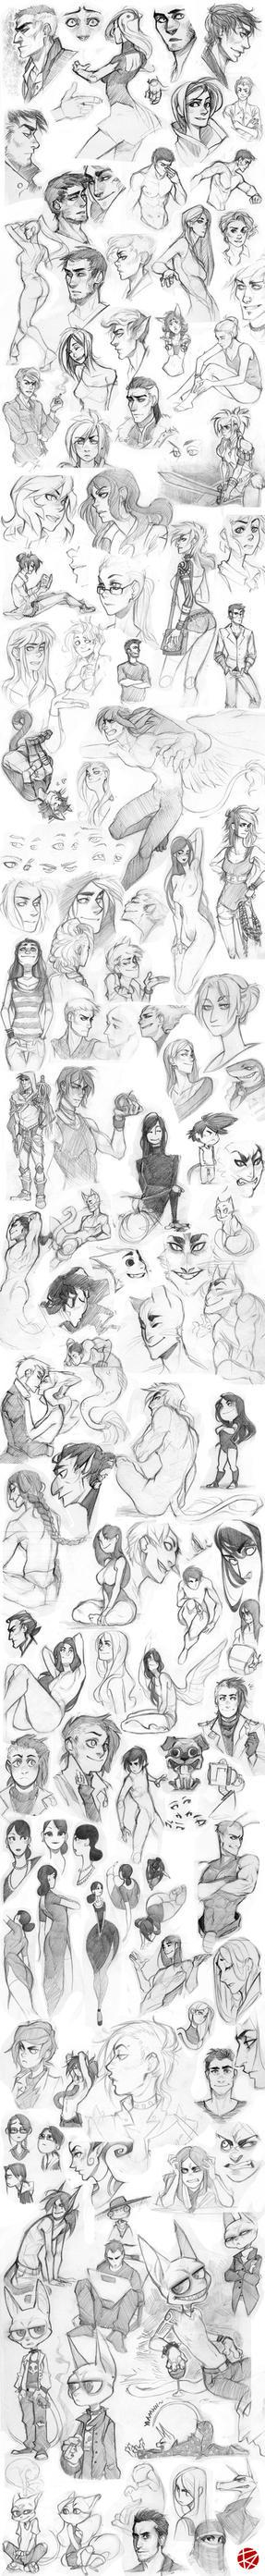 Sketch dump 01 by SylwiaPakulska